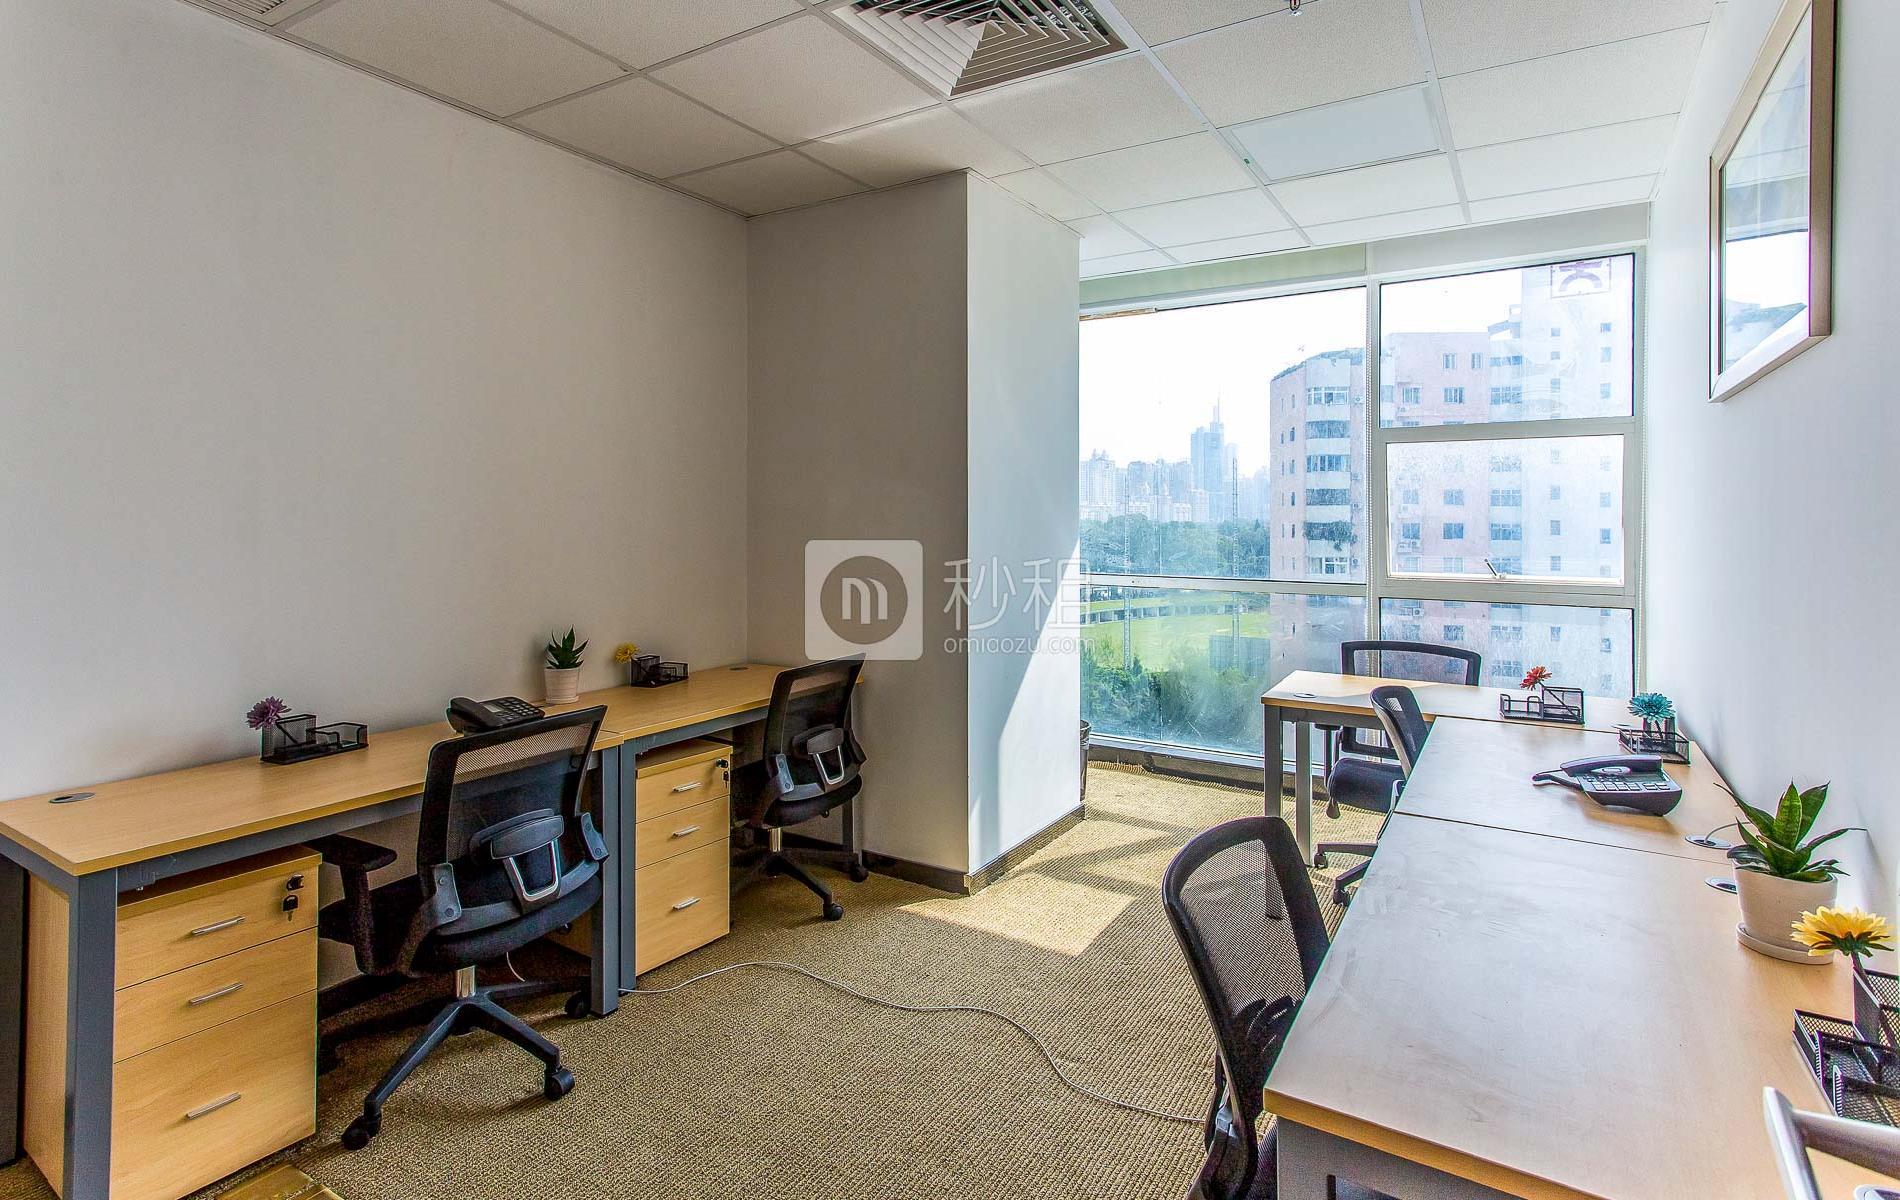 创新科技广场一期-服客师商务中心写字楼出租23平米精装办公室5600元/间.月